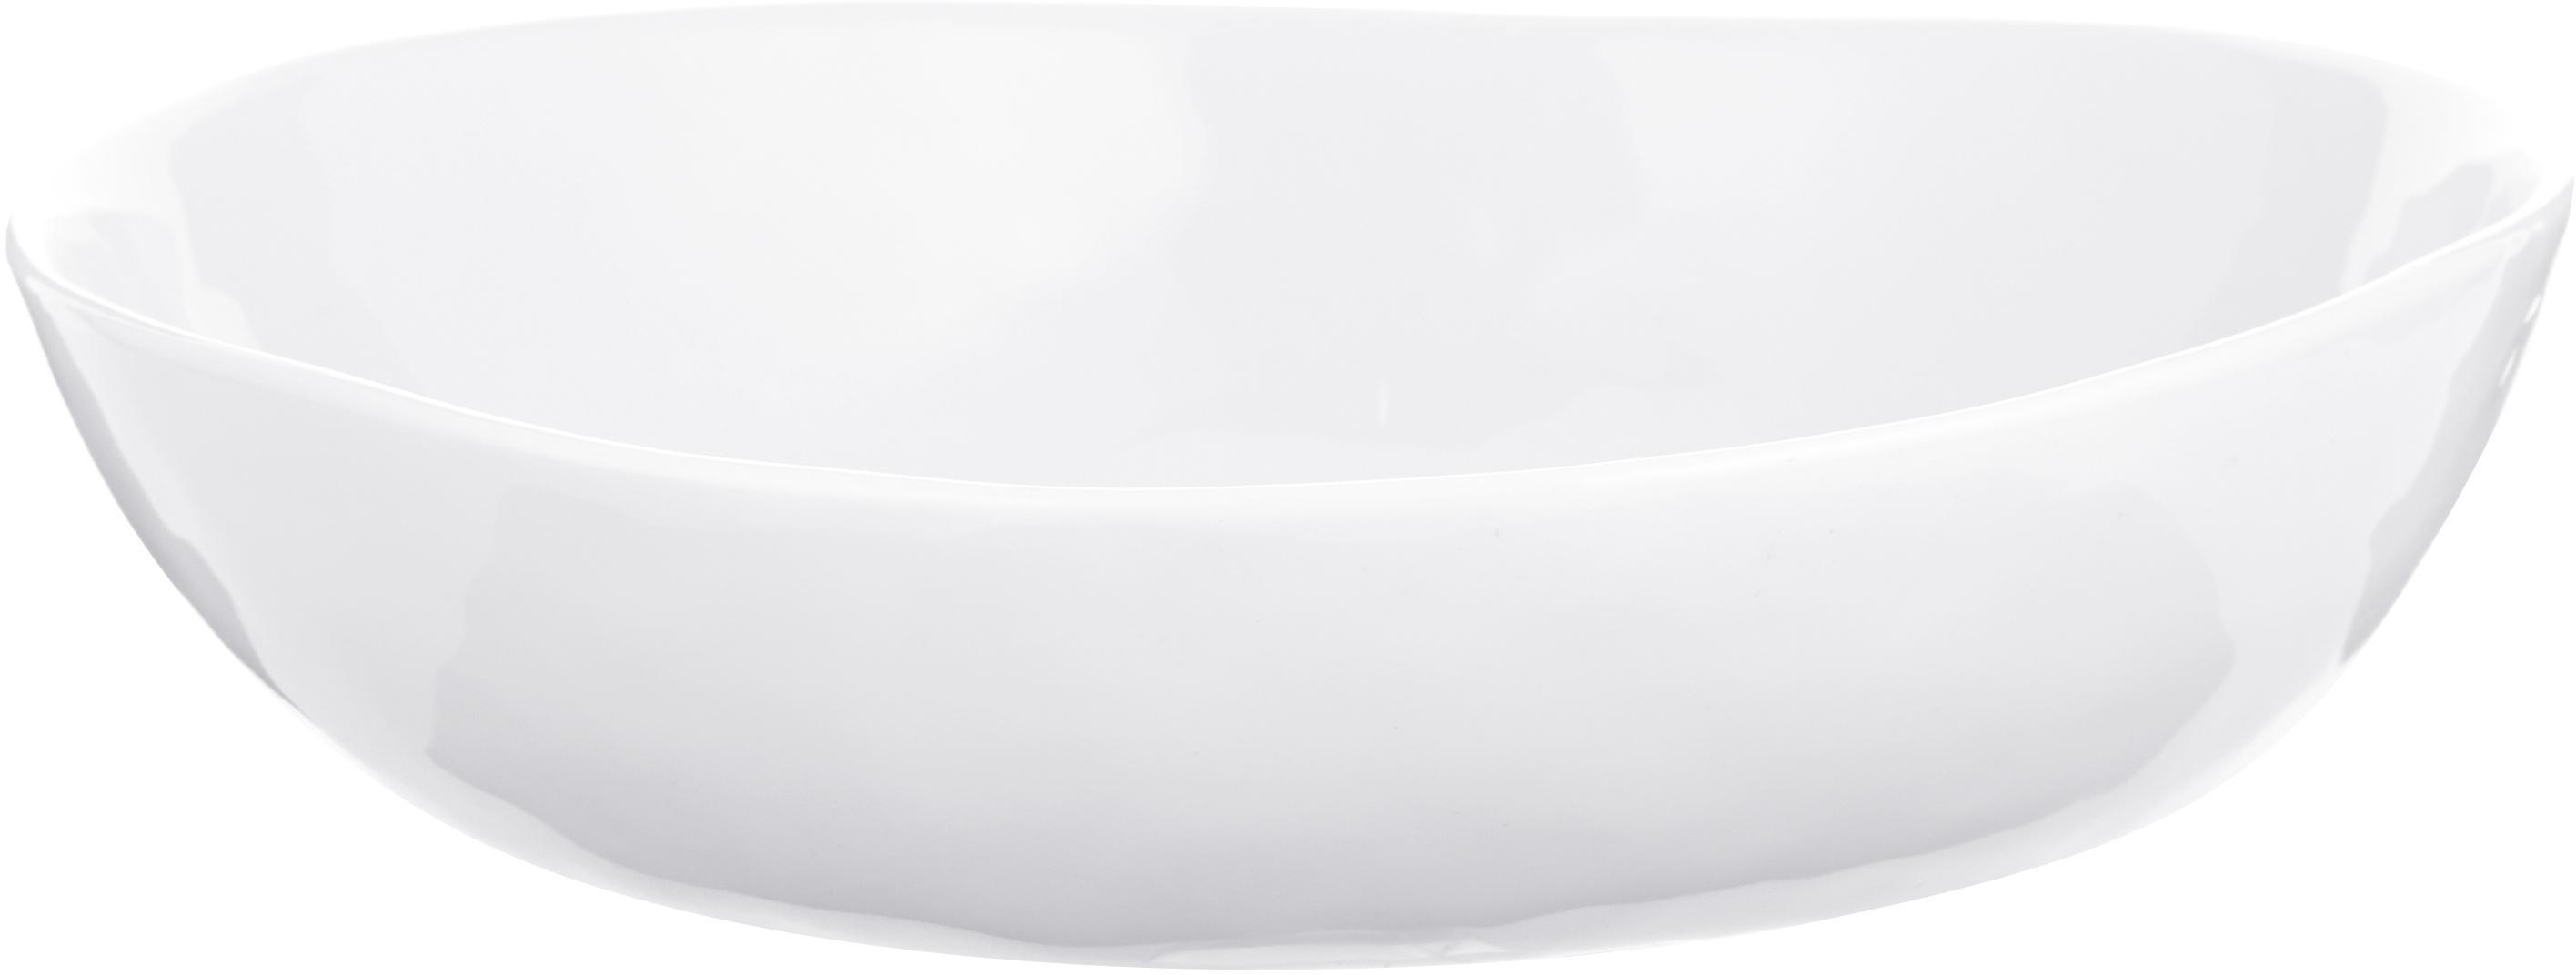 Schalen Porcelino mit unebener Oberfläche, 4 Stück, Porzellan, gewollt ungleichmässig, Weiss, 16 x 17 cm